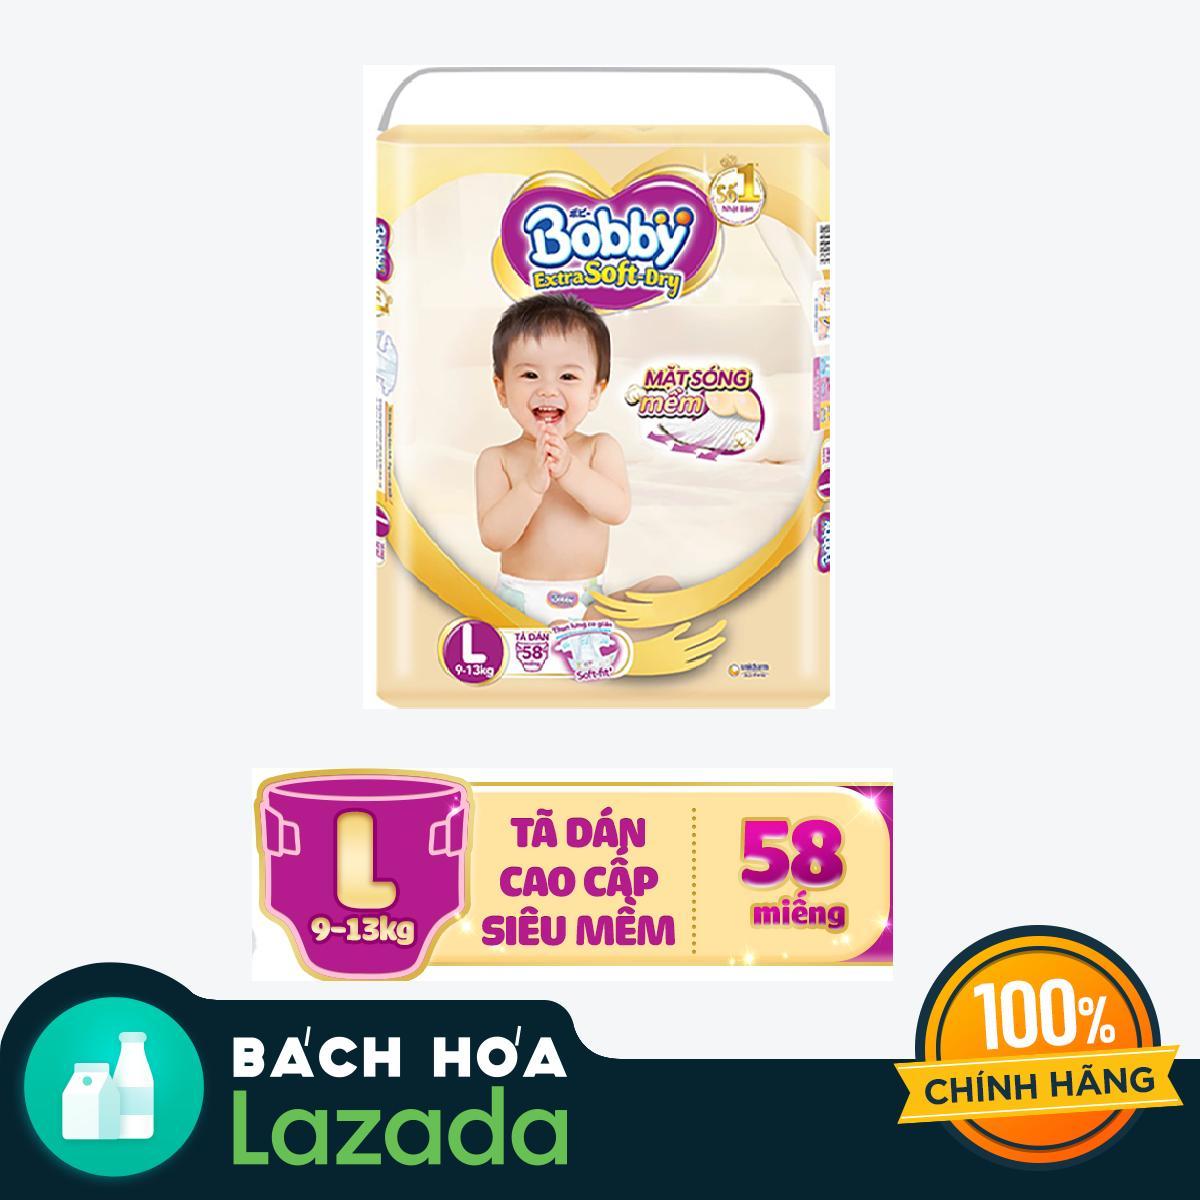 Tã dán cao cấp siêu mềm Bobby Extra Soft Dry L-58 miếng (9 - 12kg)